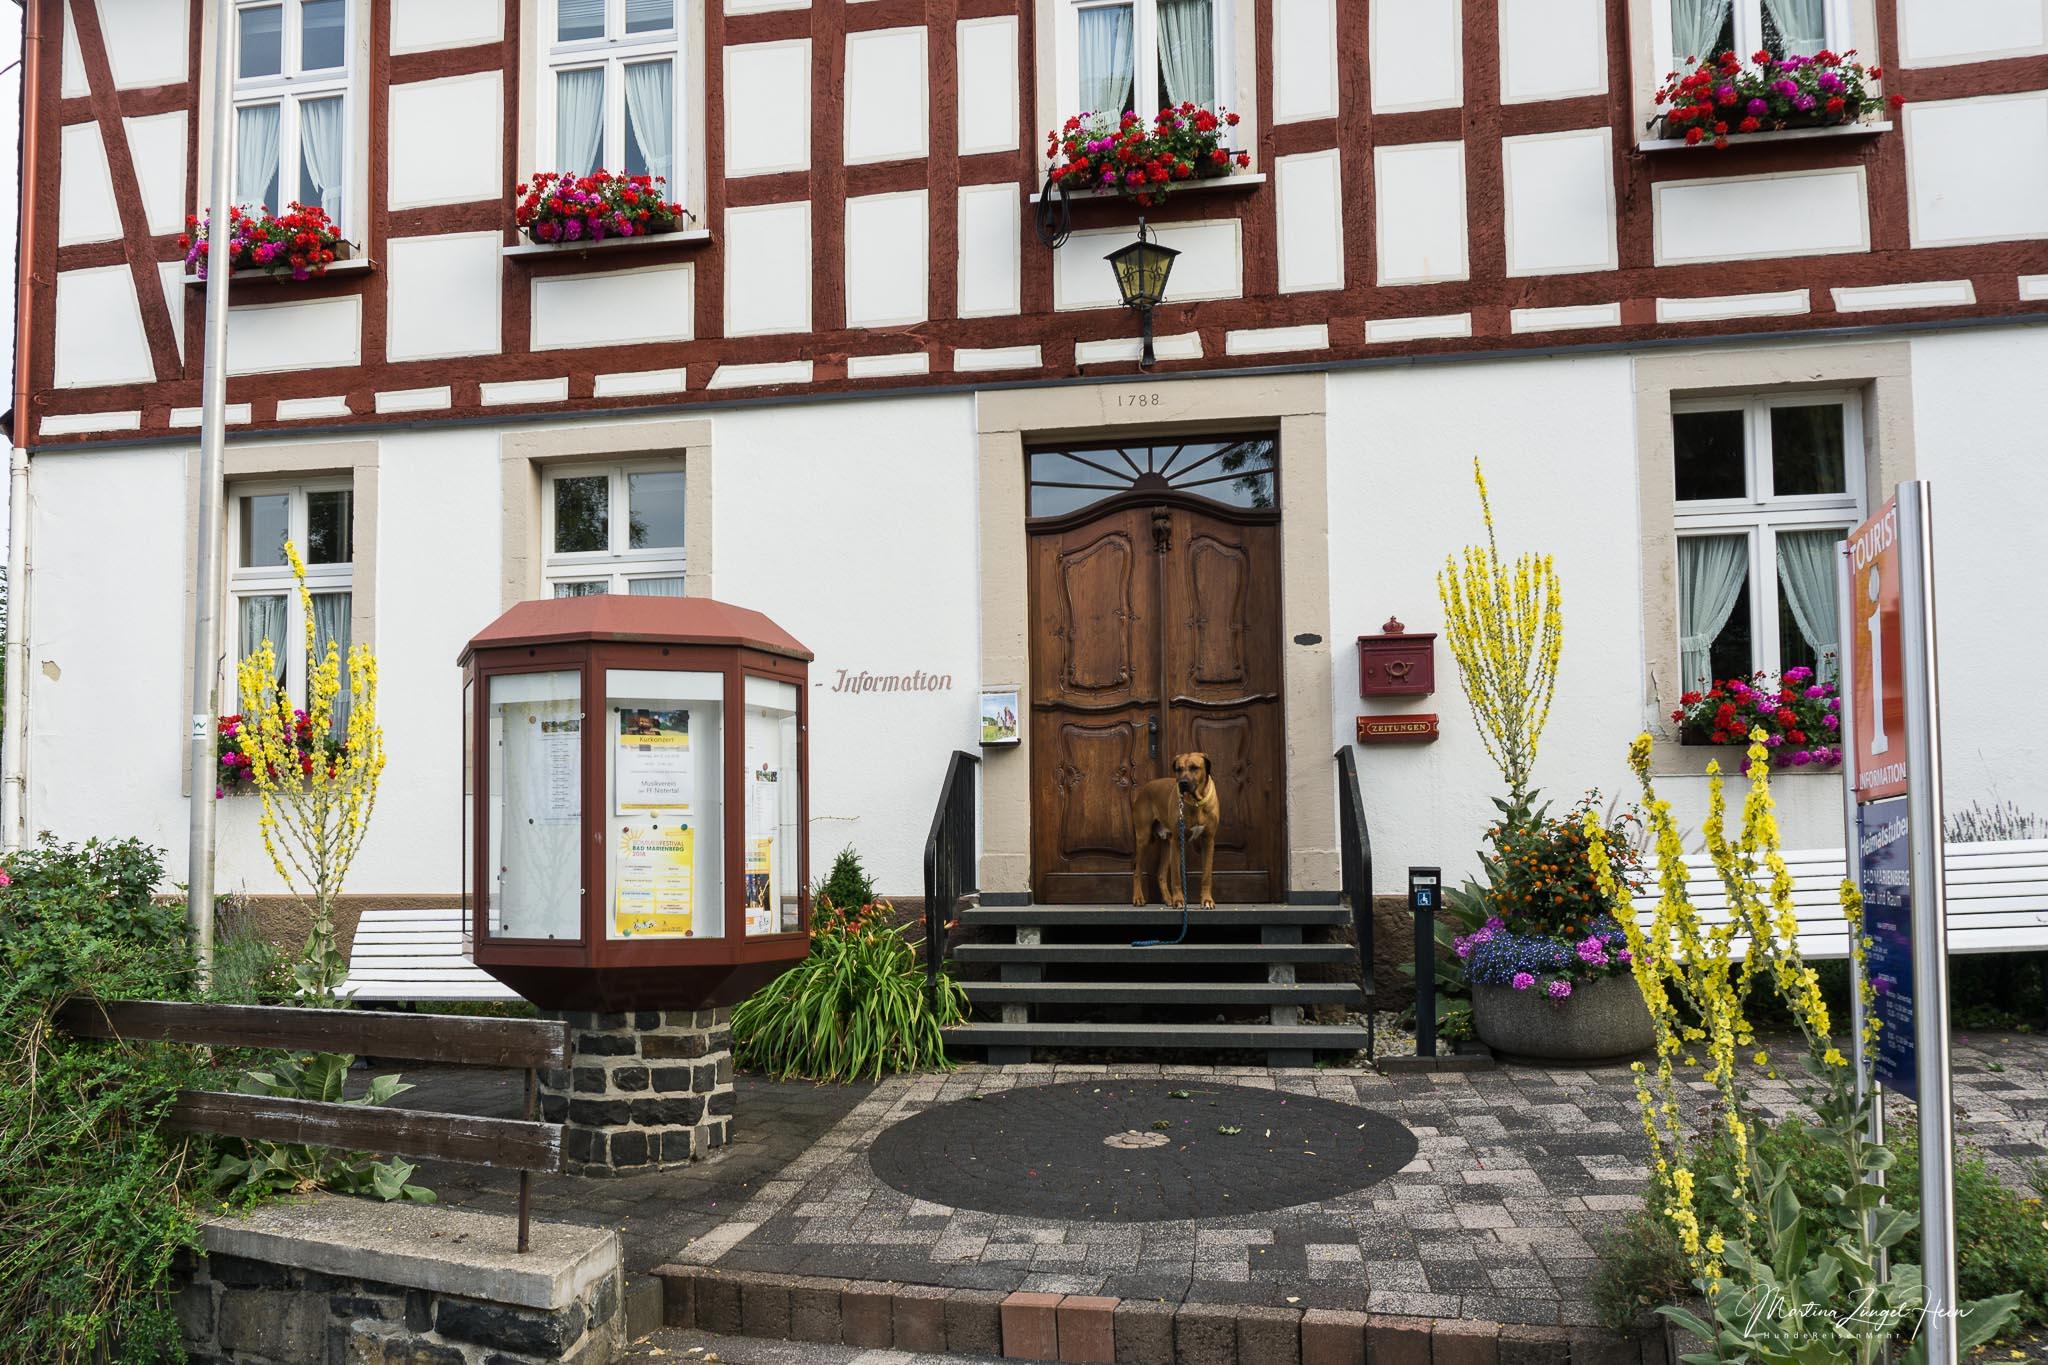 Etappe 8 des WesterwaldSteigs startet an der Touristinfo in Bad Marienberg